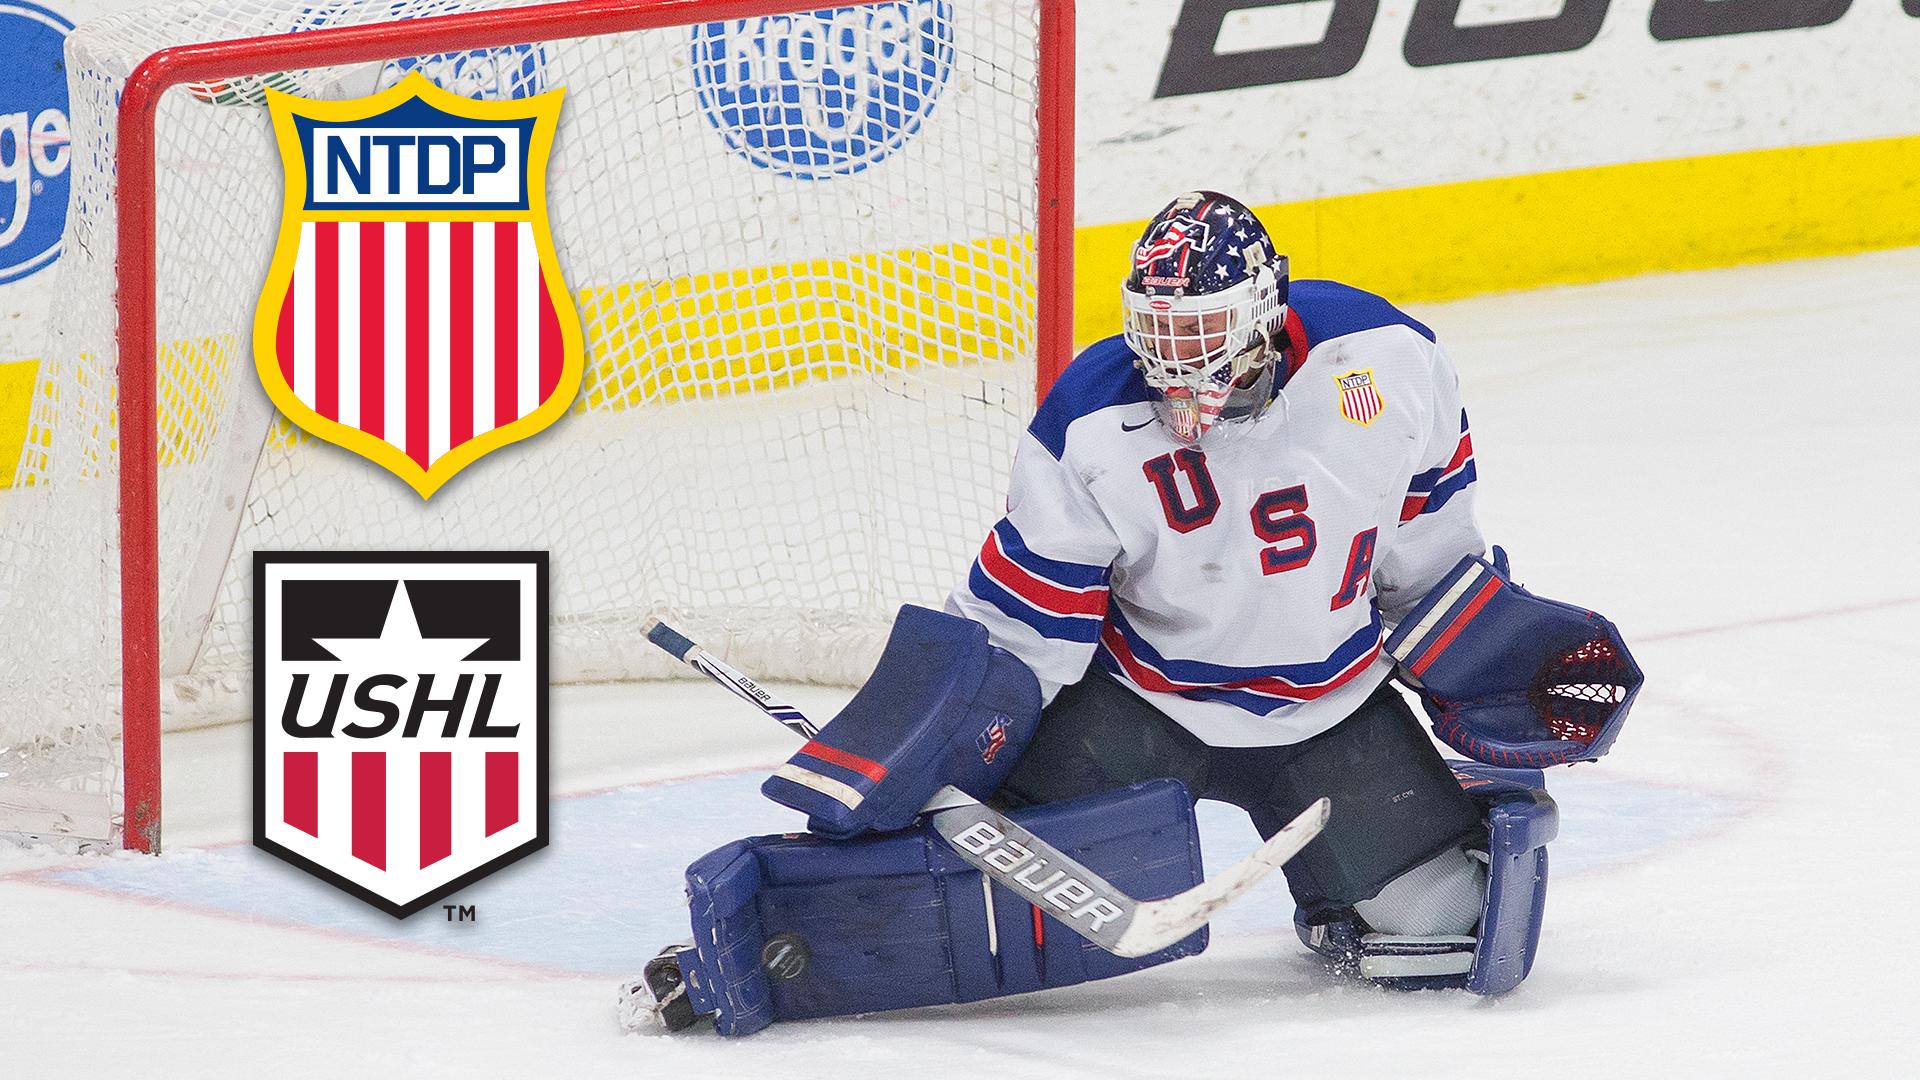 USHL: St. Cyr Named Goaltender Of The Week